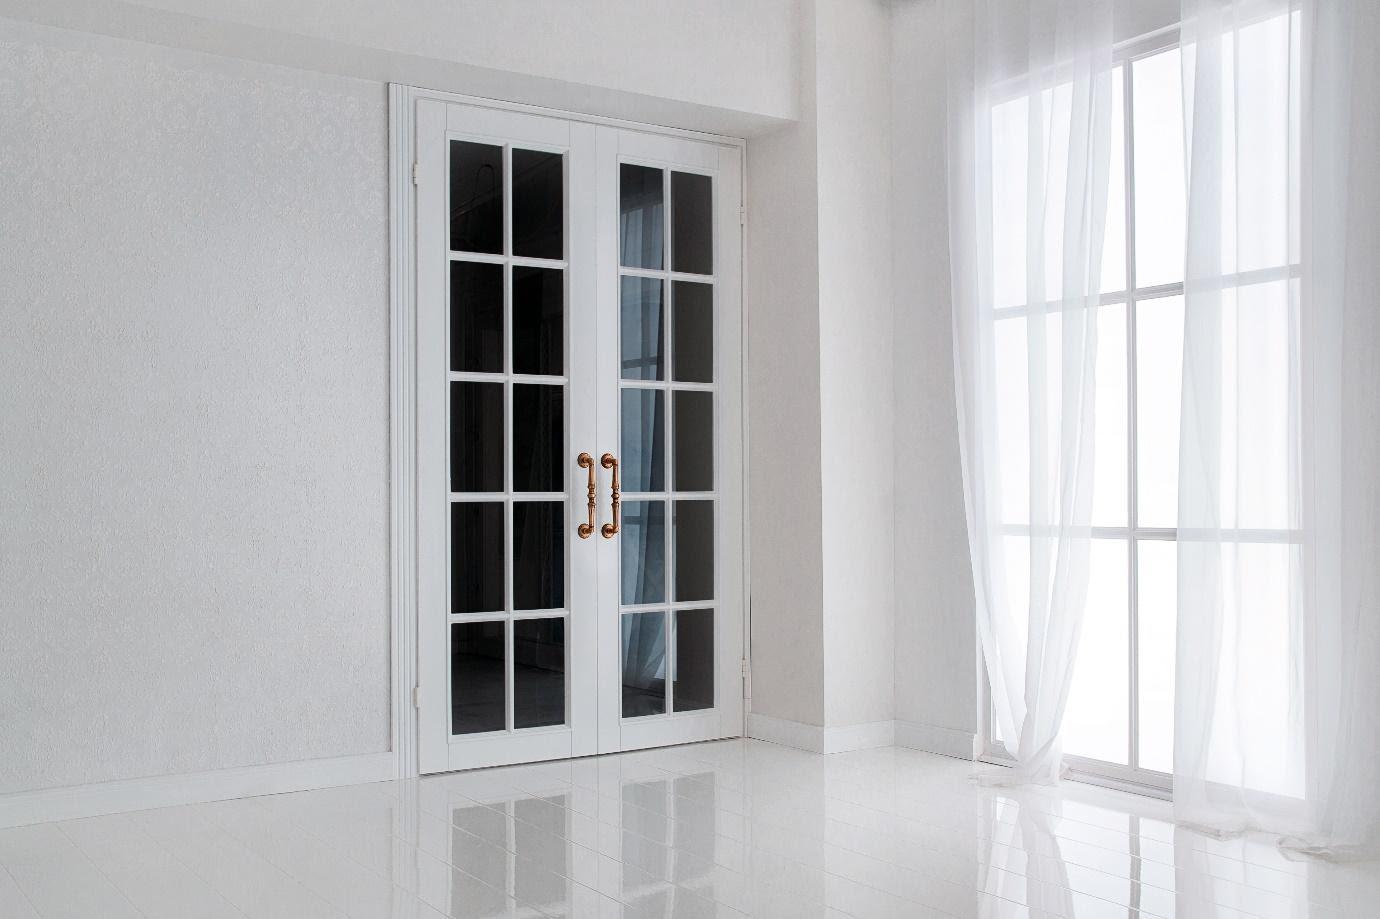 Updating your door hardware